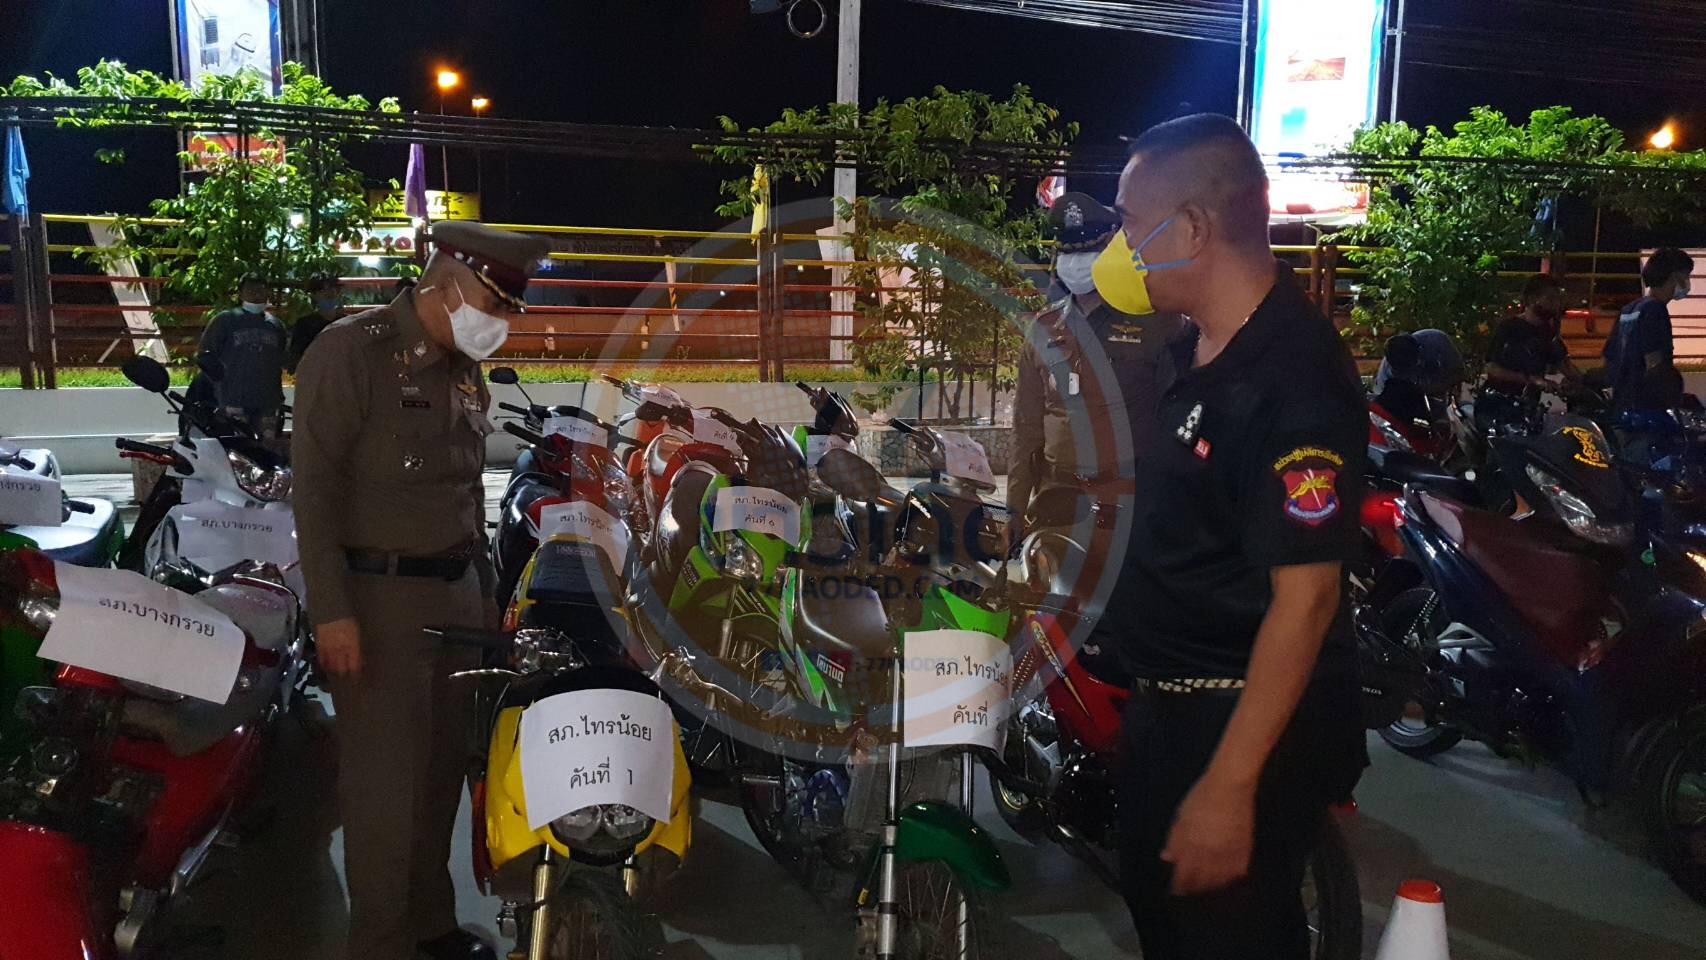 ตำรวจนนทบุรีจับกลุ่มเด็กแว้นได้กว่า 100 คนพร้อมรถ จยย.หลังจากยกเลิกเคอร์ฟิว